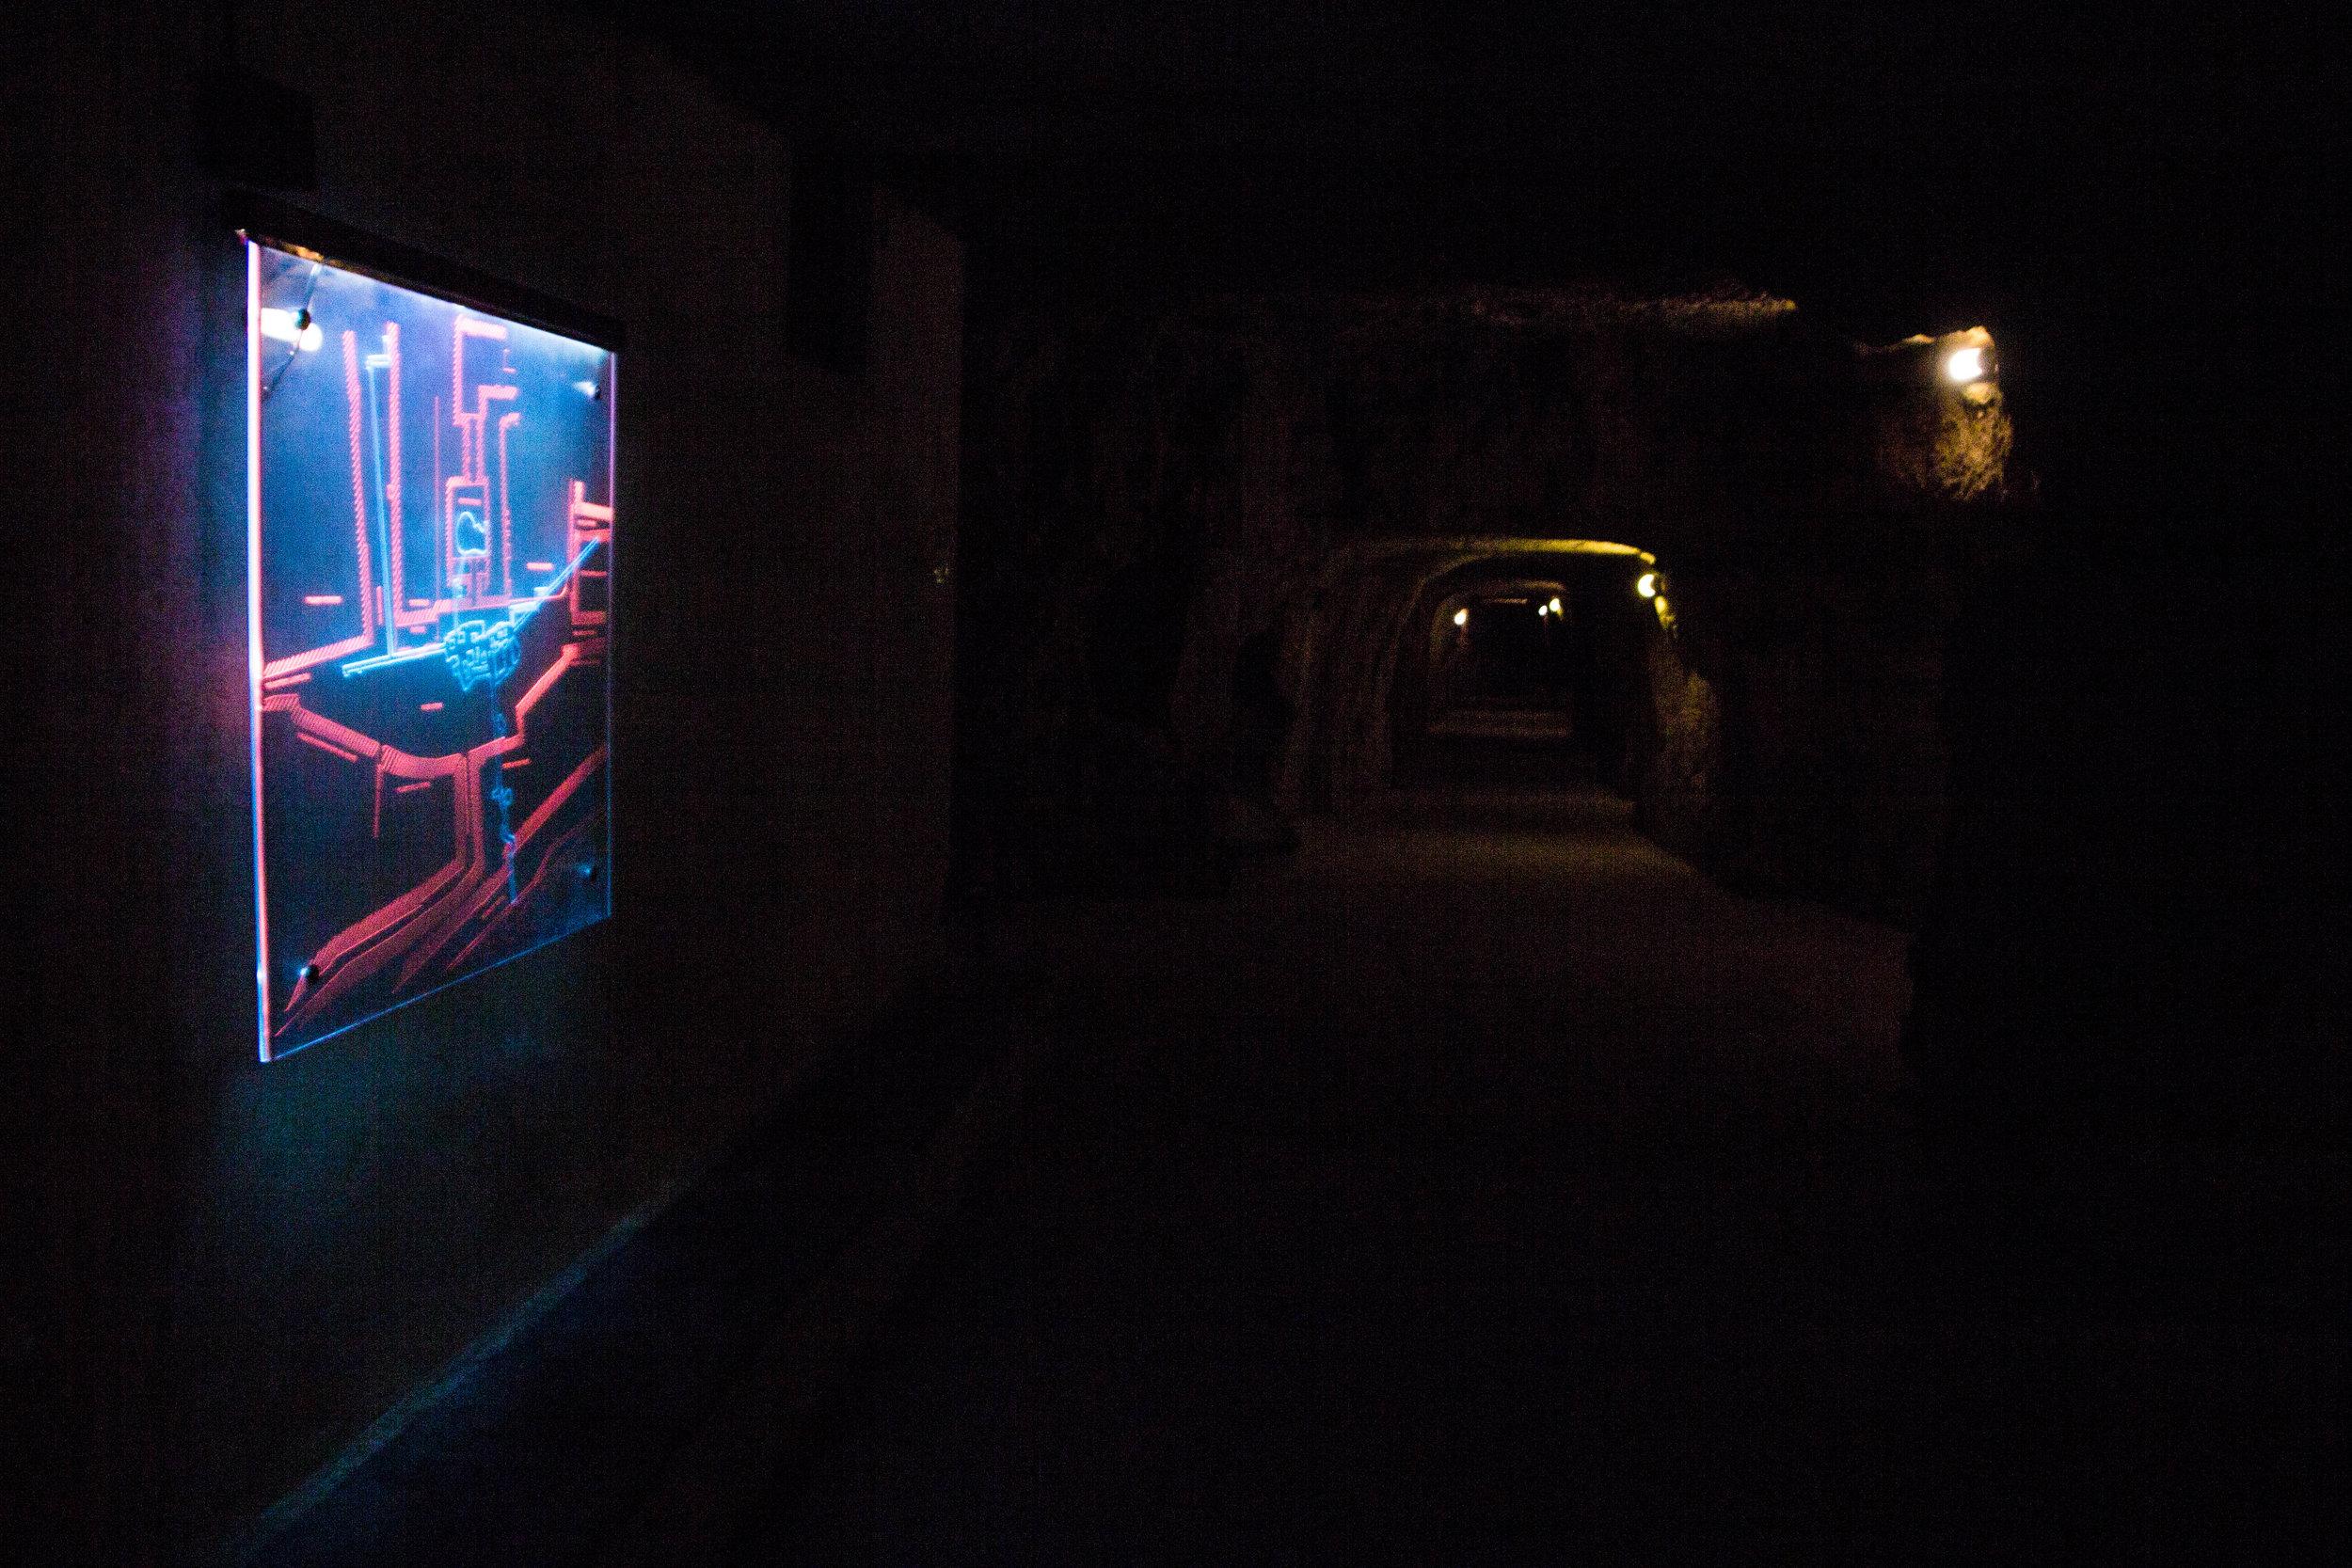 wwii-bomb-shelter-syracuse-sicily-6.jpg